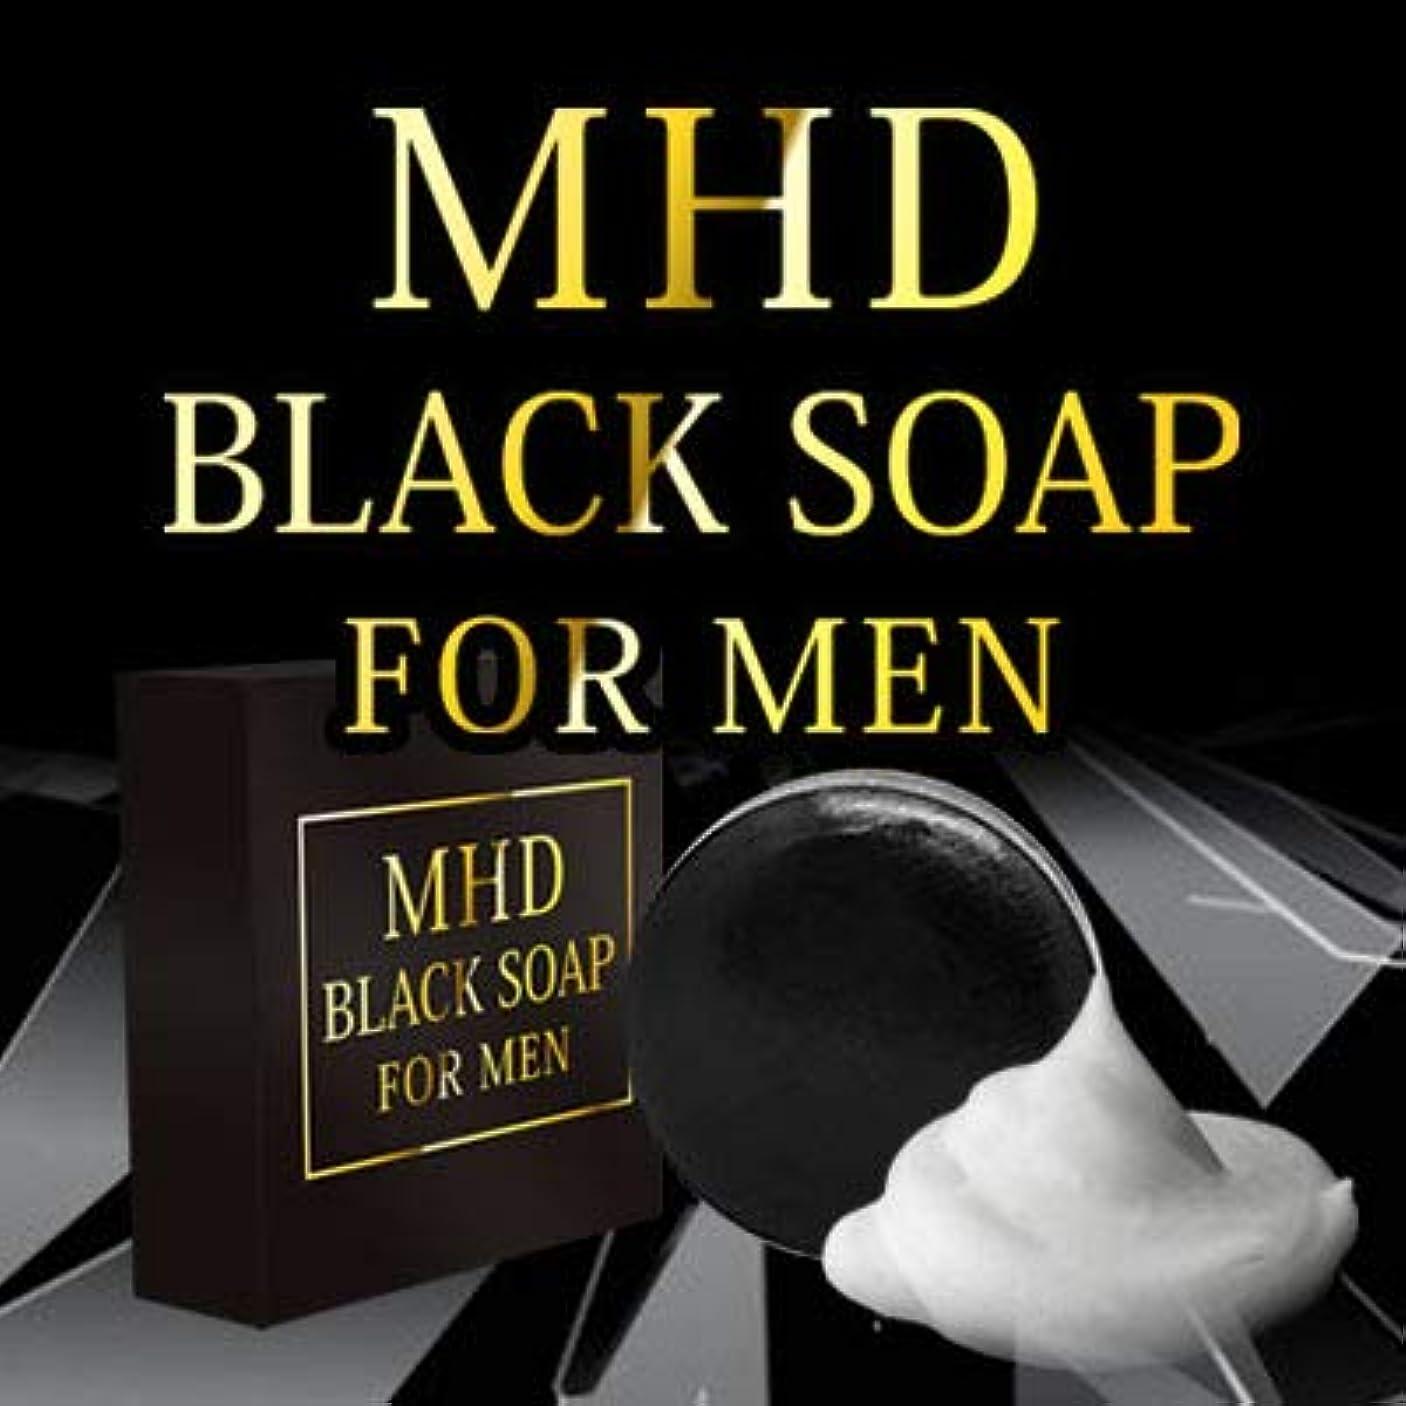 地理あいまい話すMHD石鹸(BLACK SOAP FOR MEN) メンズ用全身ソープ